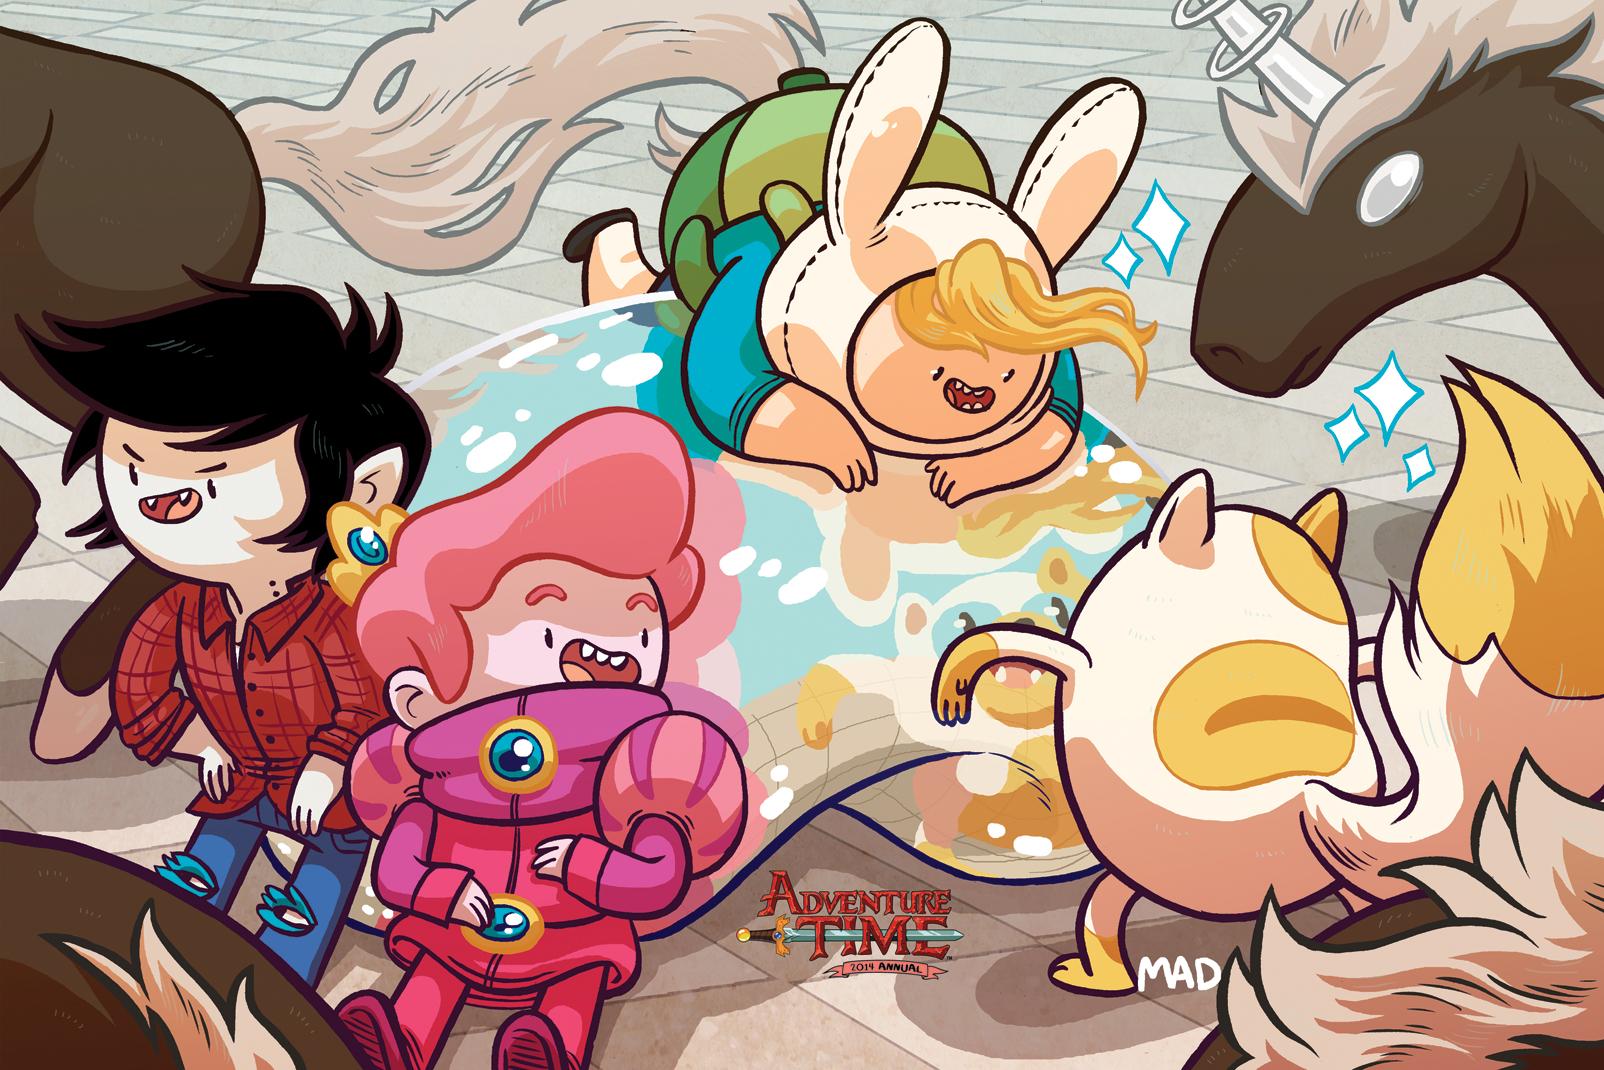 Adventure Time 2014 Annual #1 C2E2 Exclusive